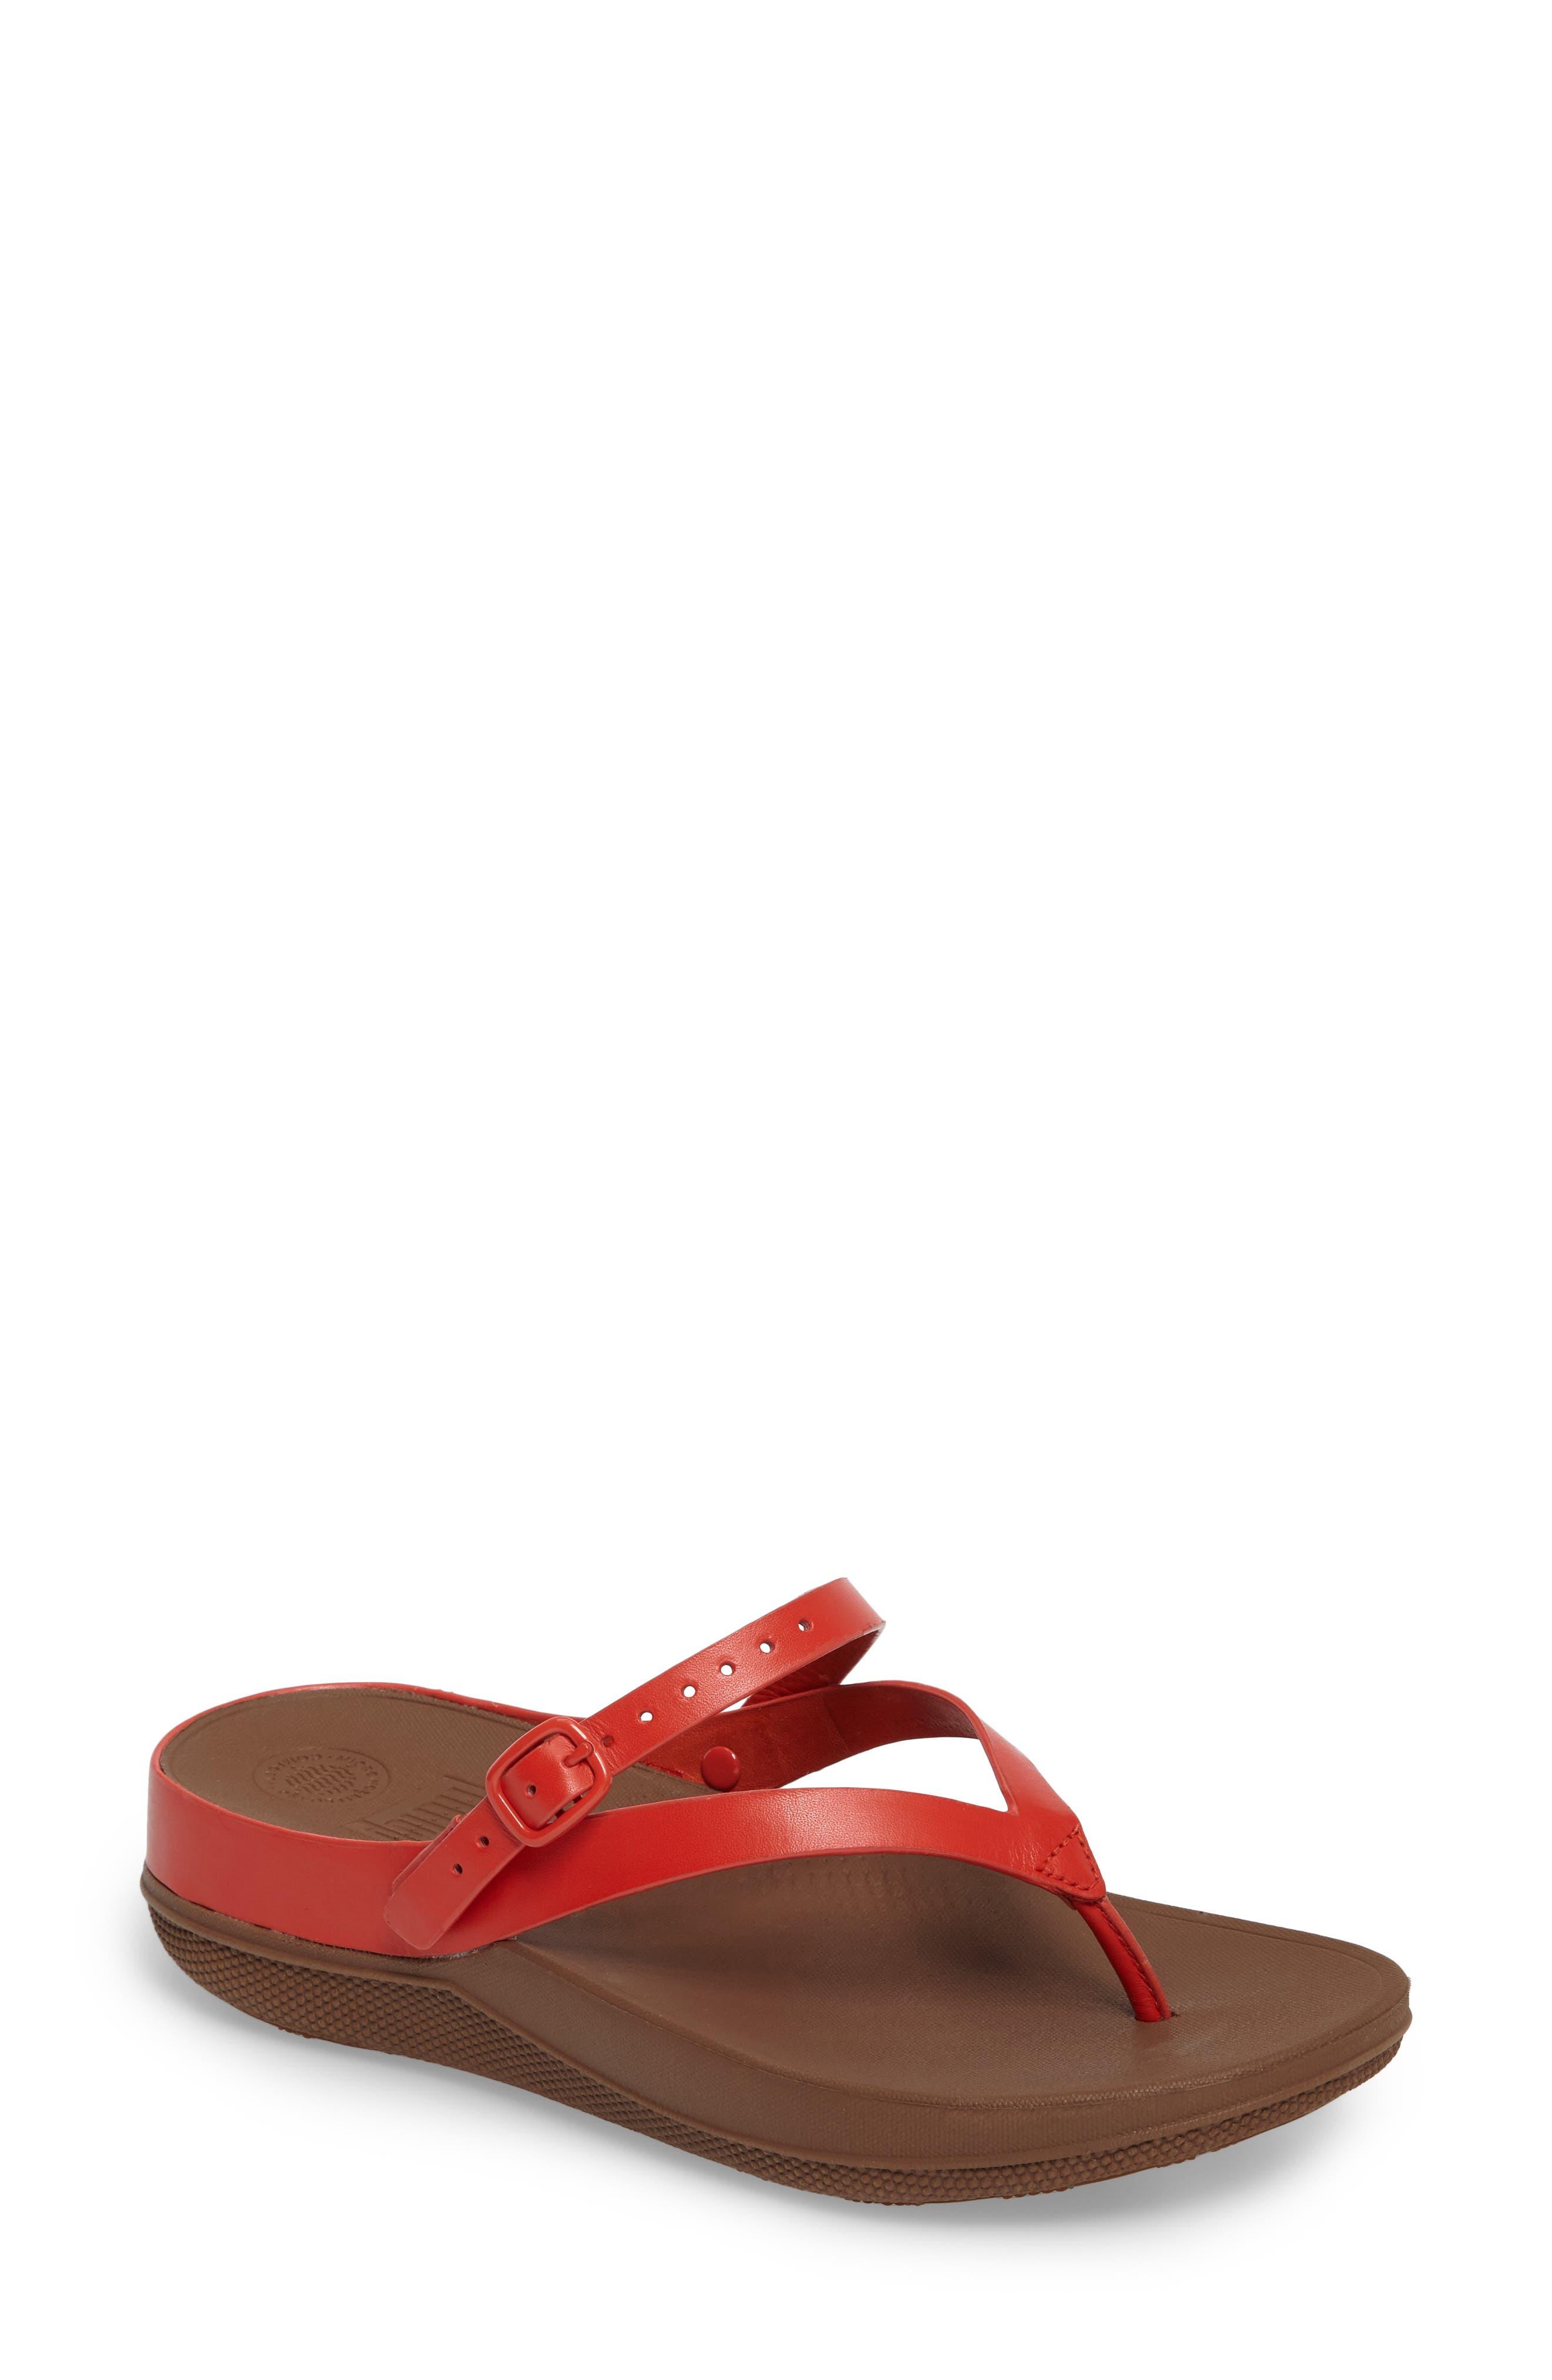 Main Image - FitFlop Flip Sandal (Women)